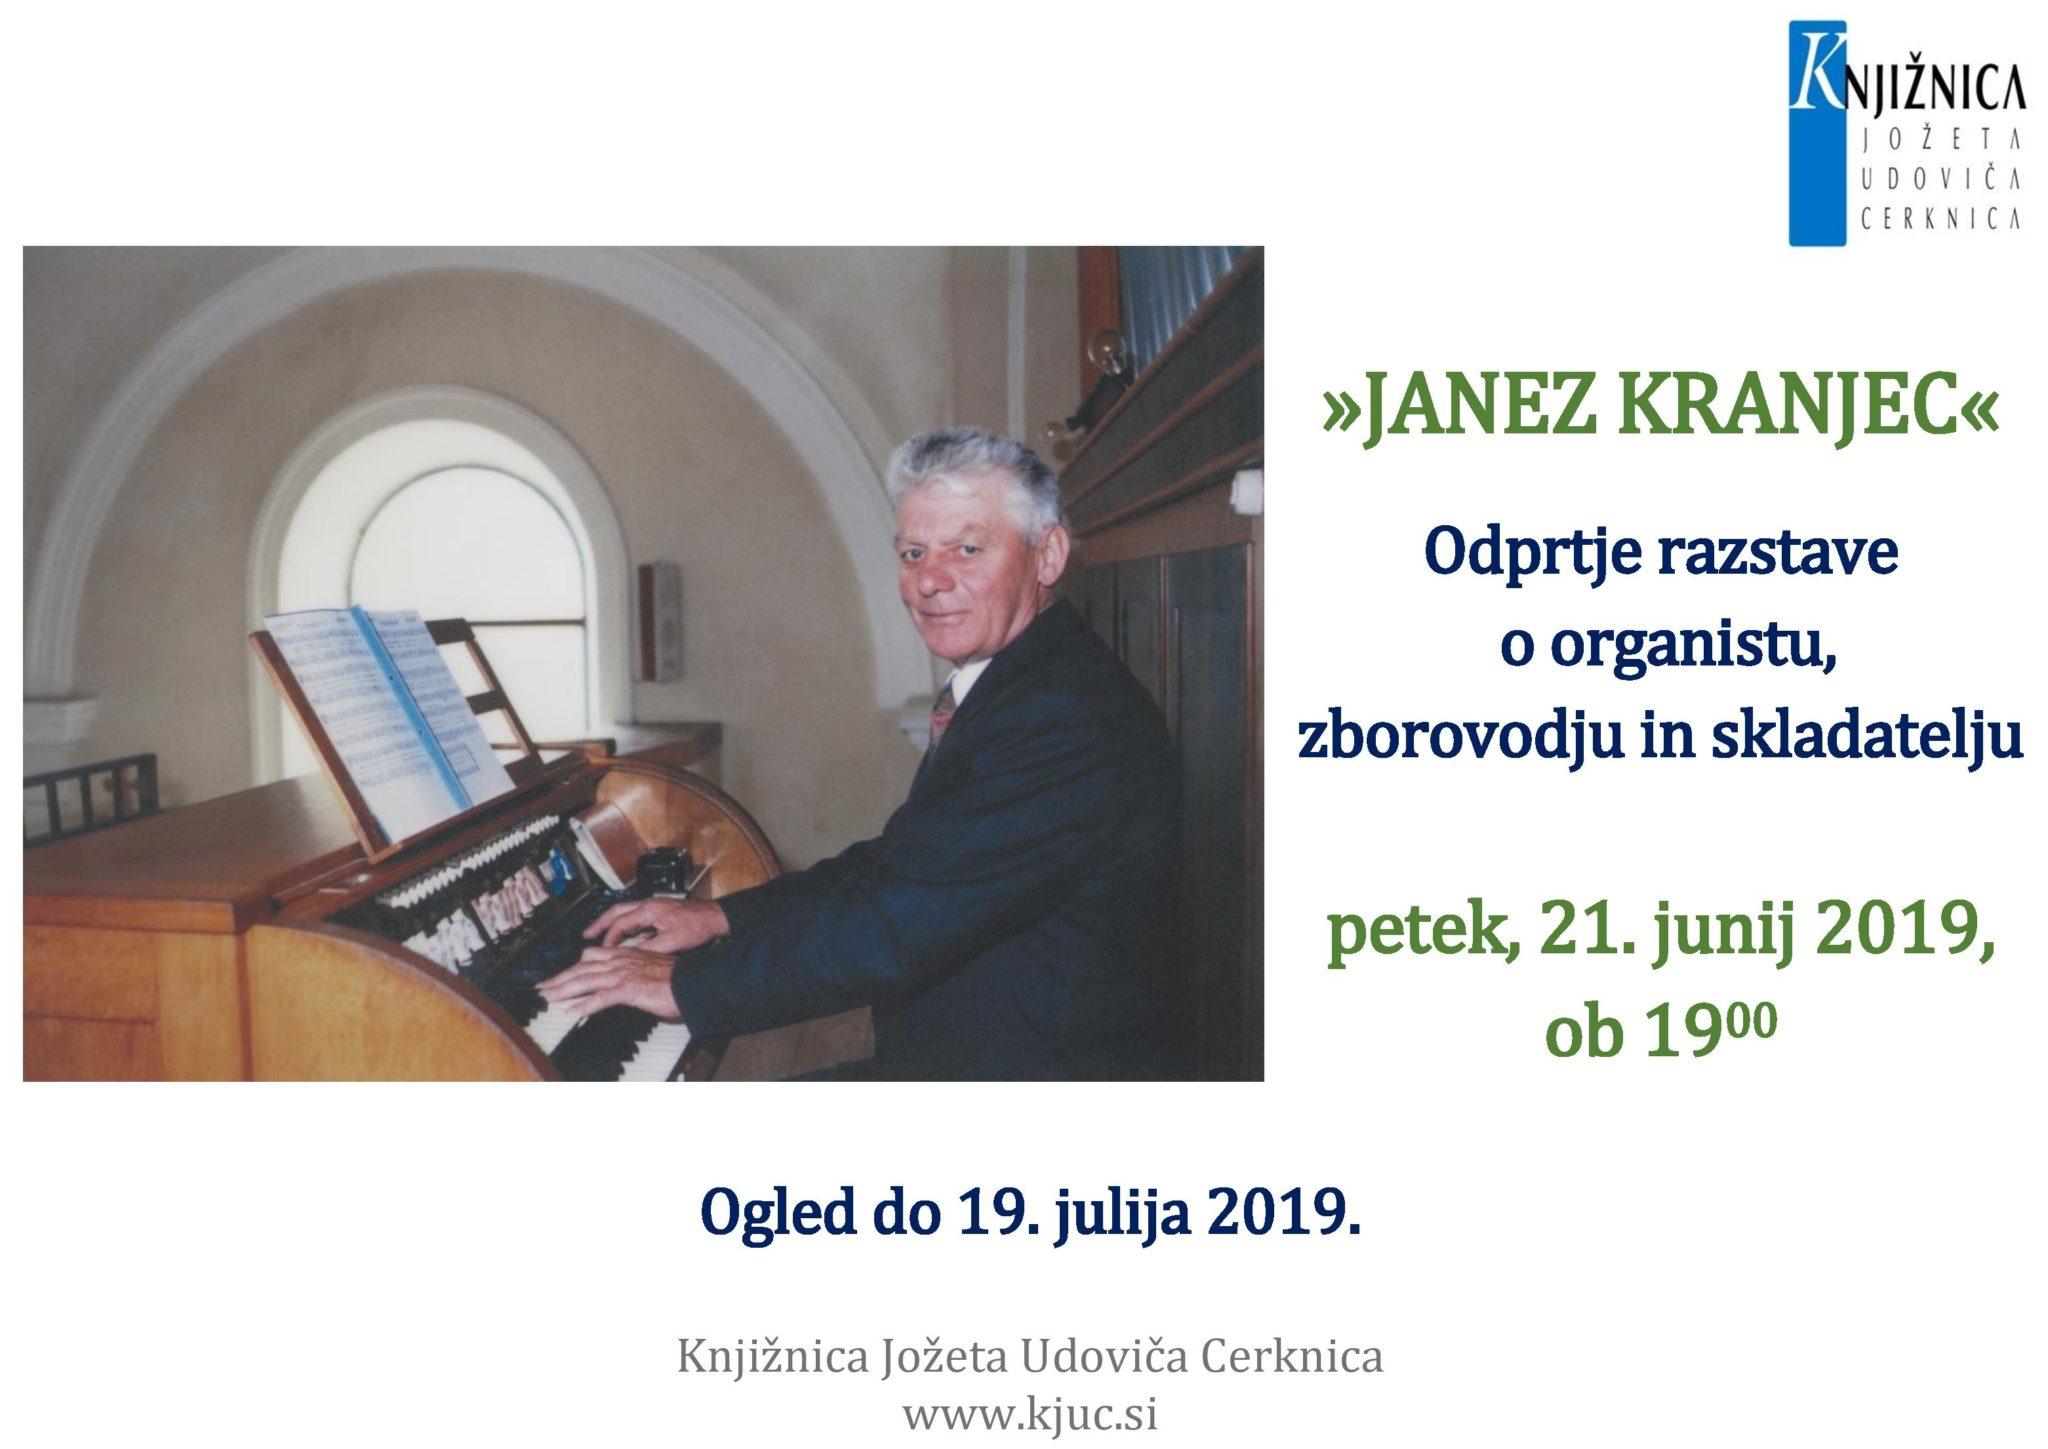 cover 2 - Janez Kranjec - odprtje razstave o organistu, zborovodju in skladatelju